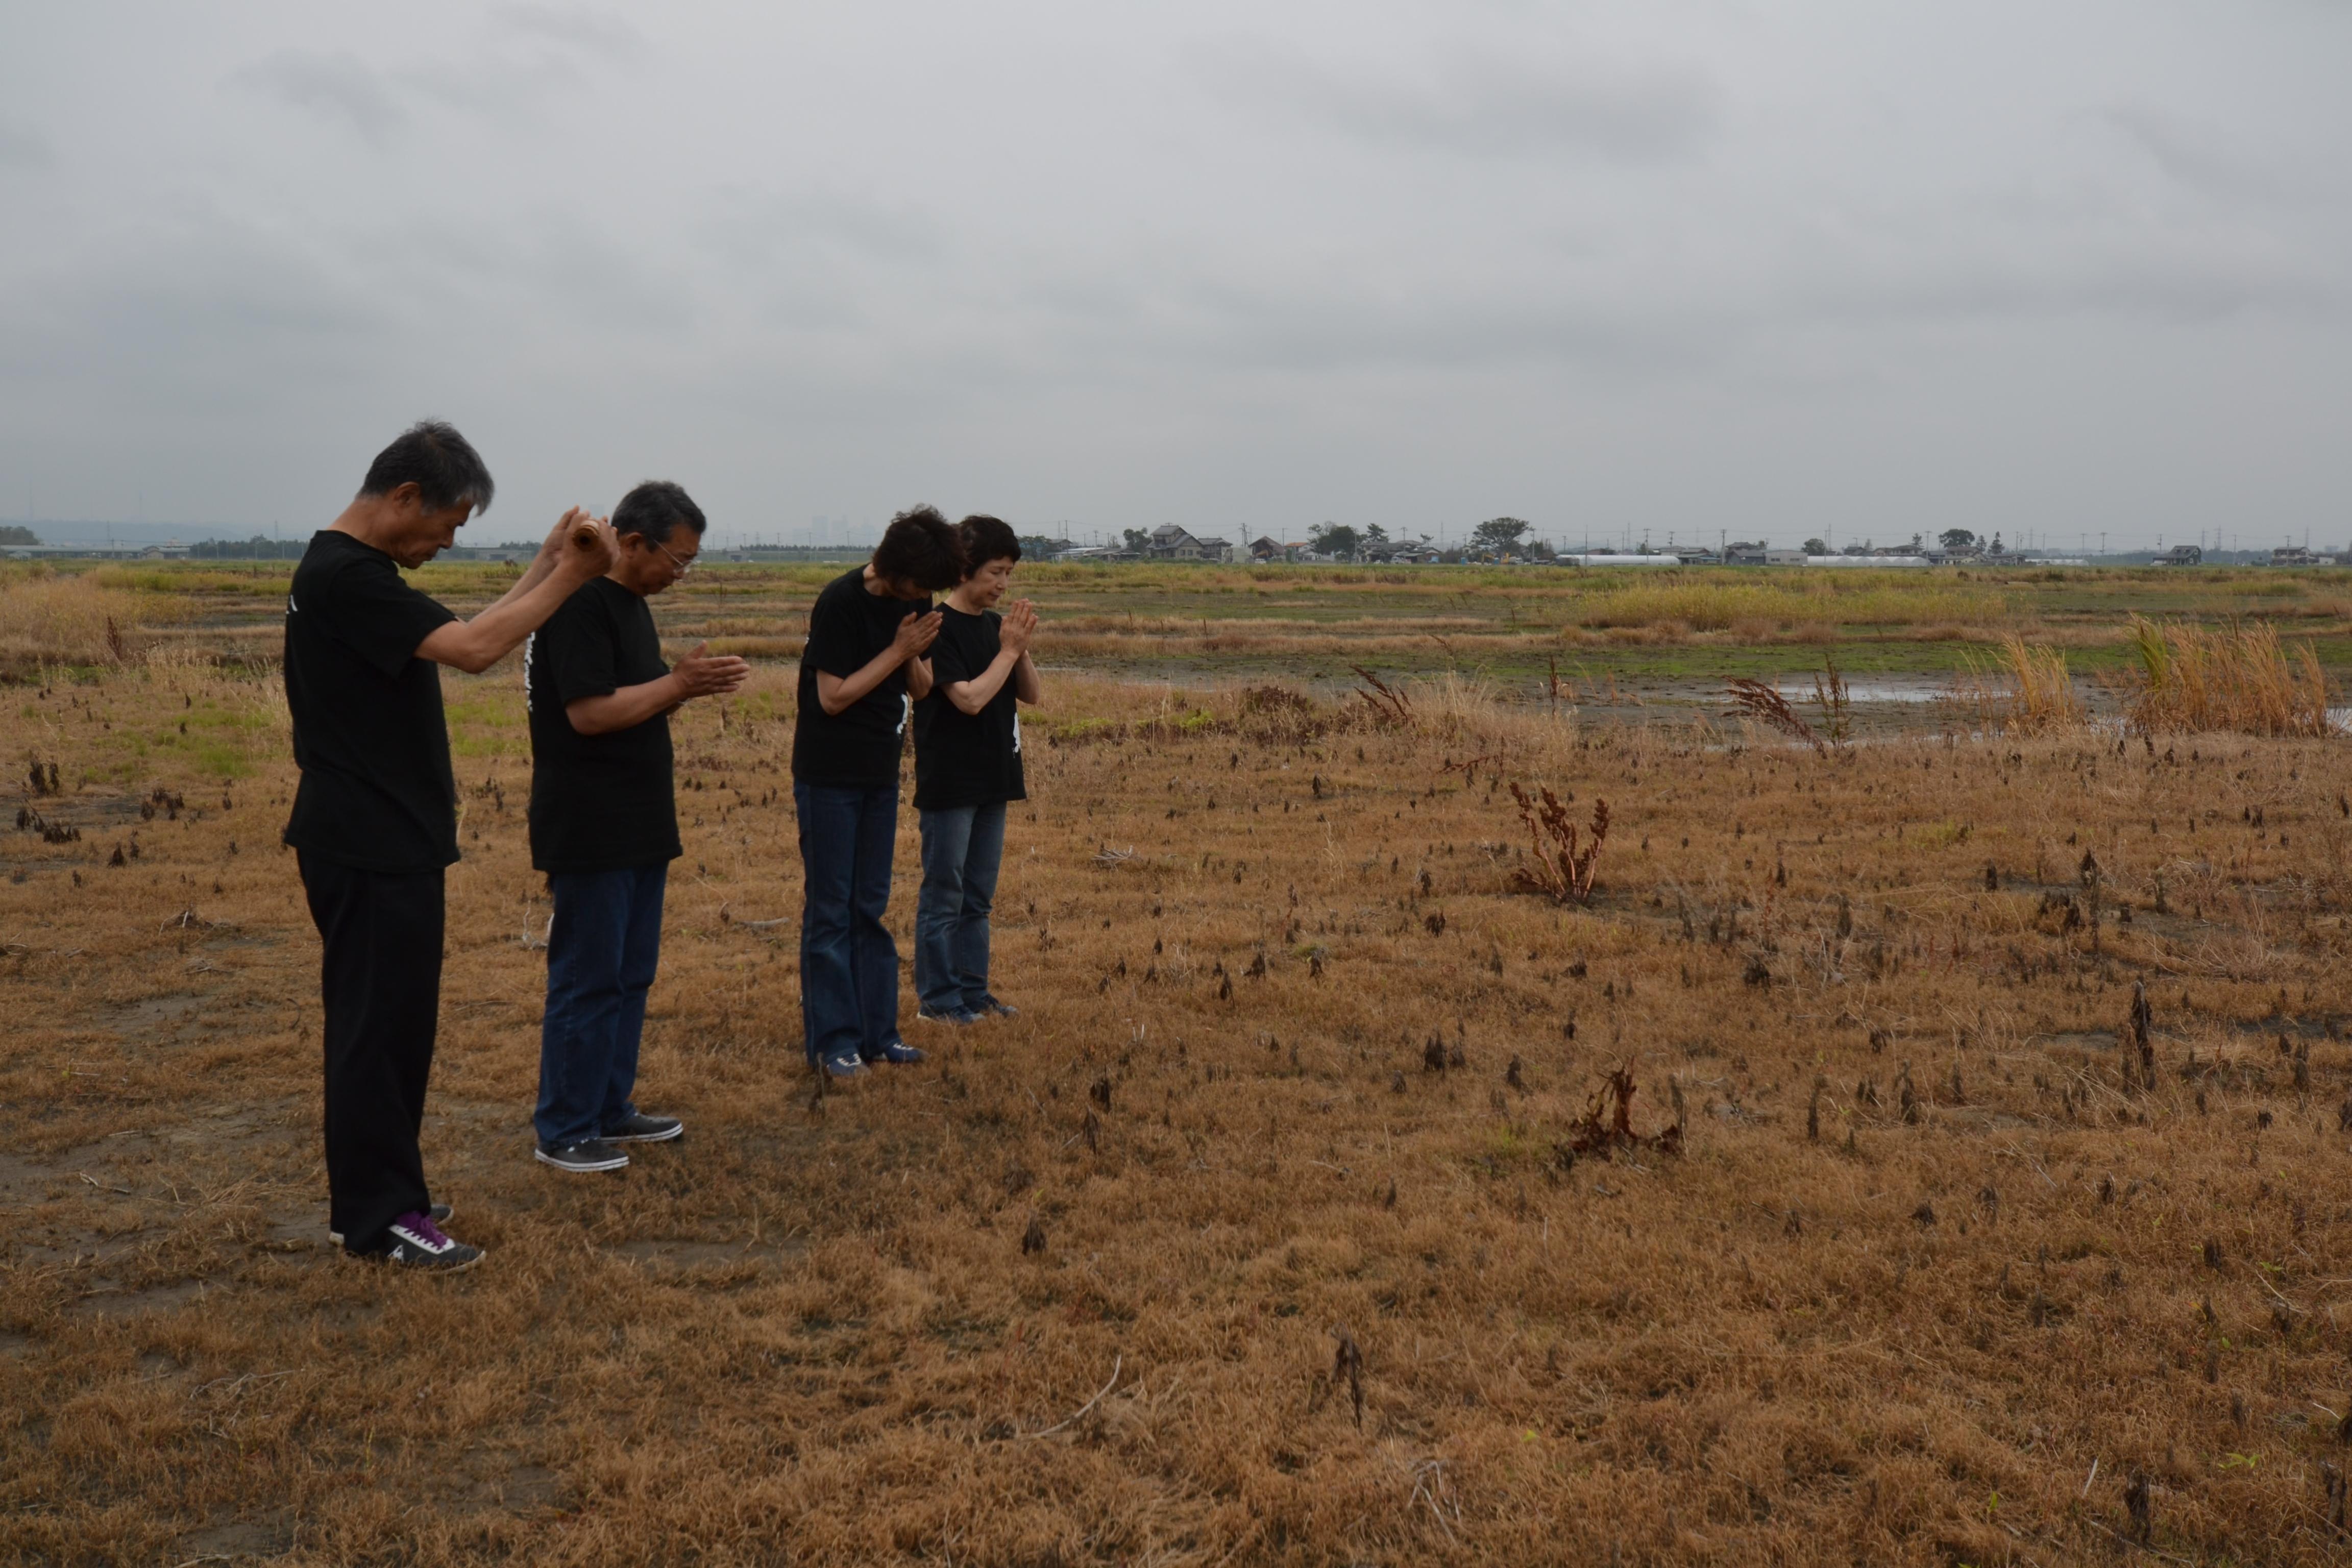 arahama ohashi san group swans fly pray together.JPG